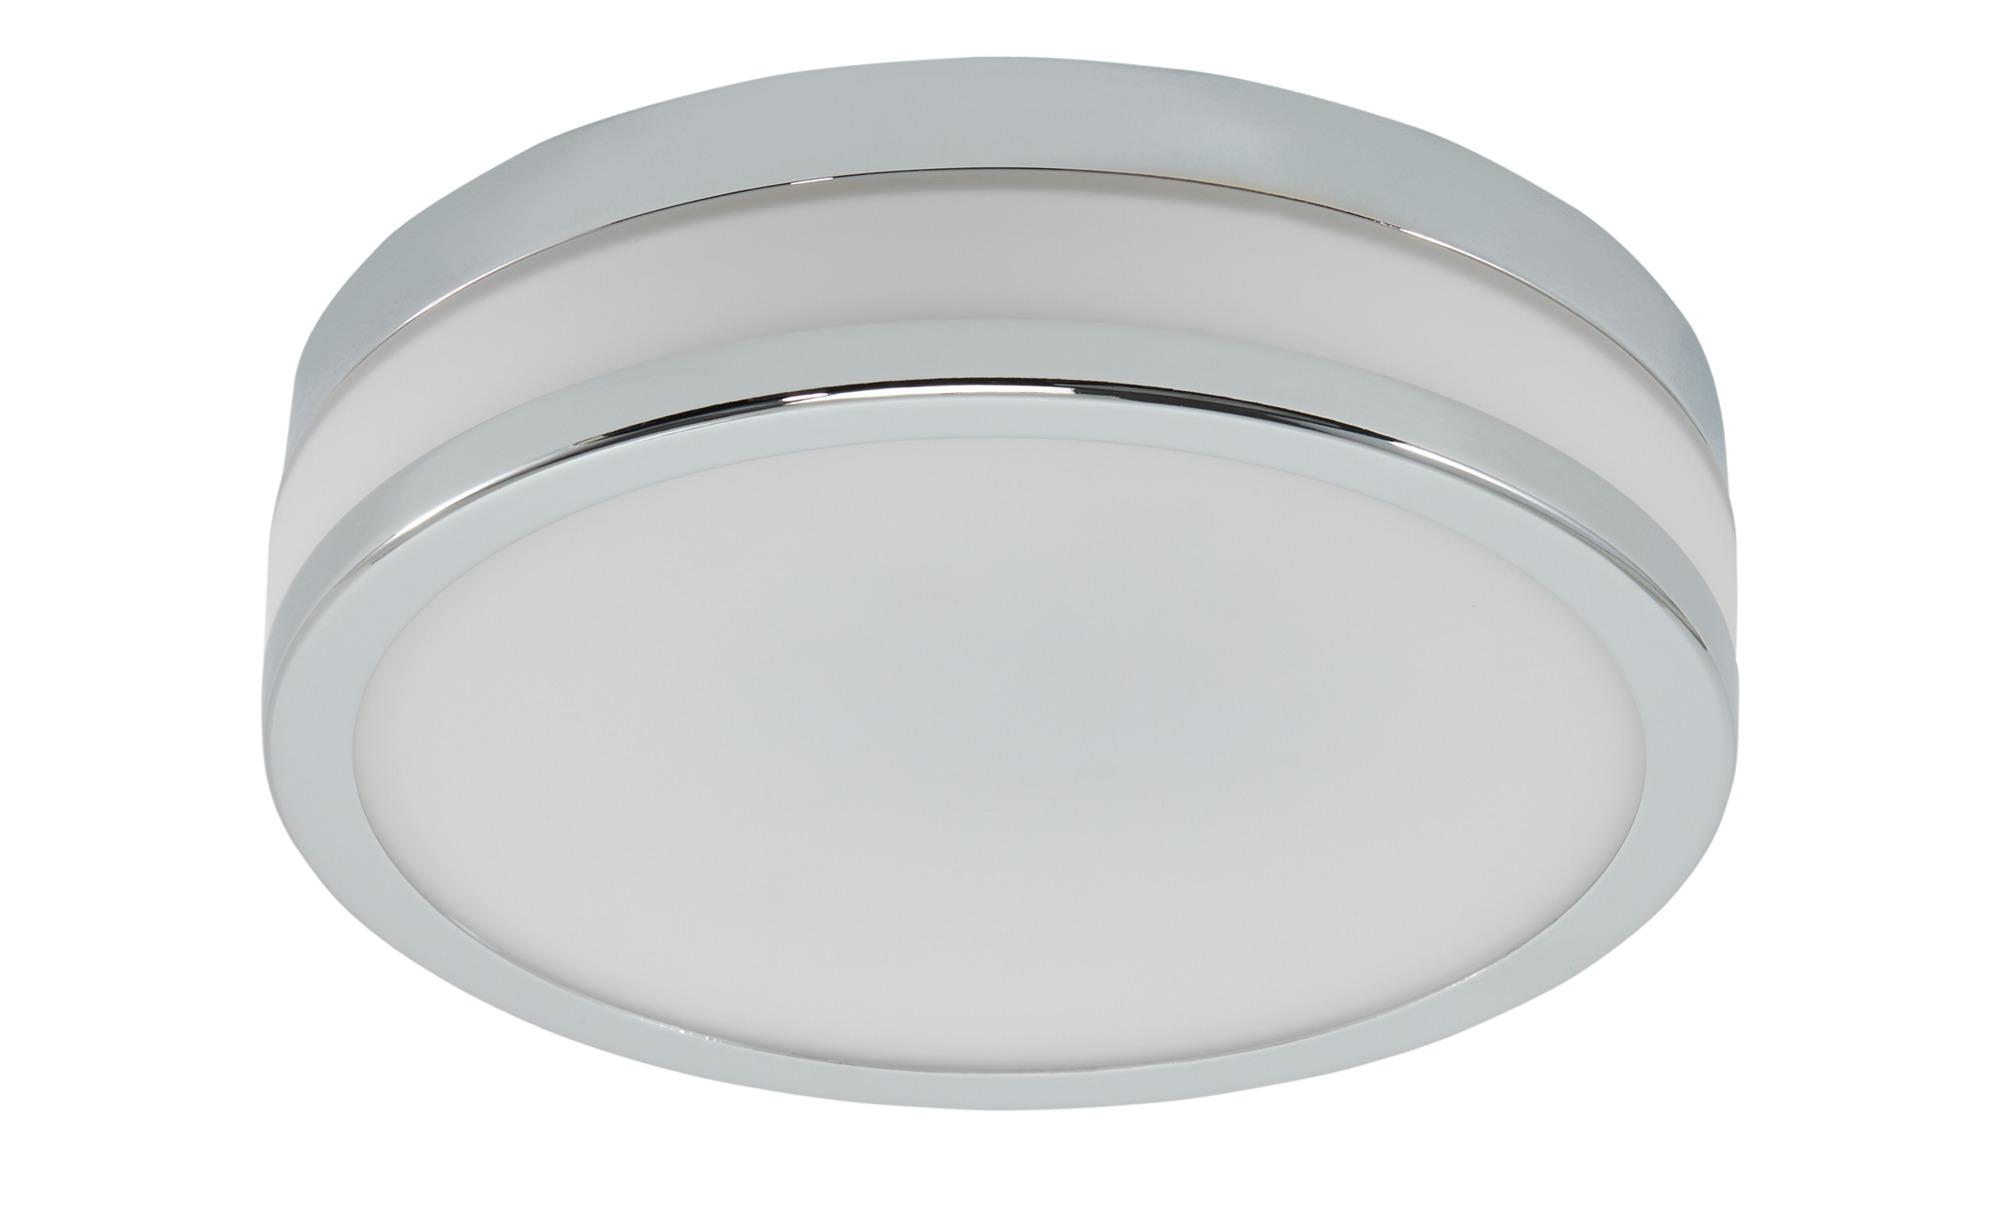 LED-Deckenleuchte, 1-flammig, chrom IP44 ¦ silber ¦ Maße (cm): H: 6,5 Ø: 22 Lampen & Leuchten > Innenleuchten > Deckenleuchten - Höffner